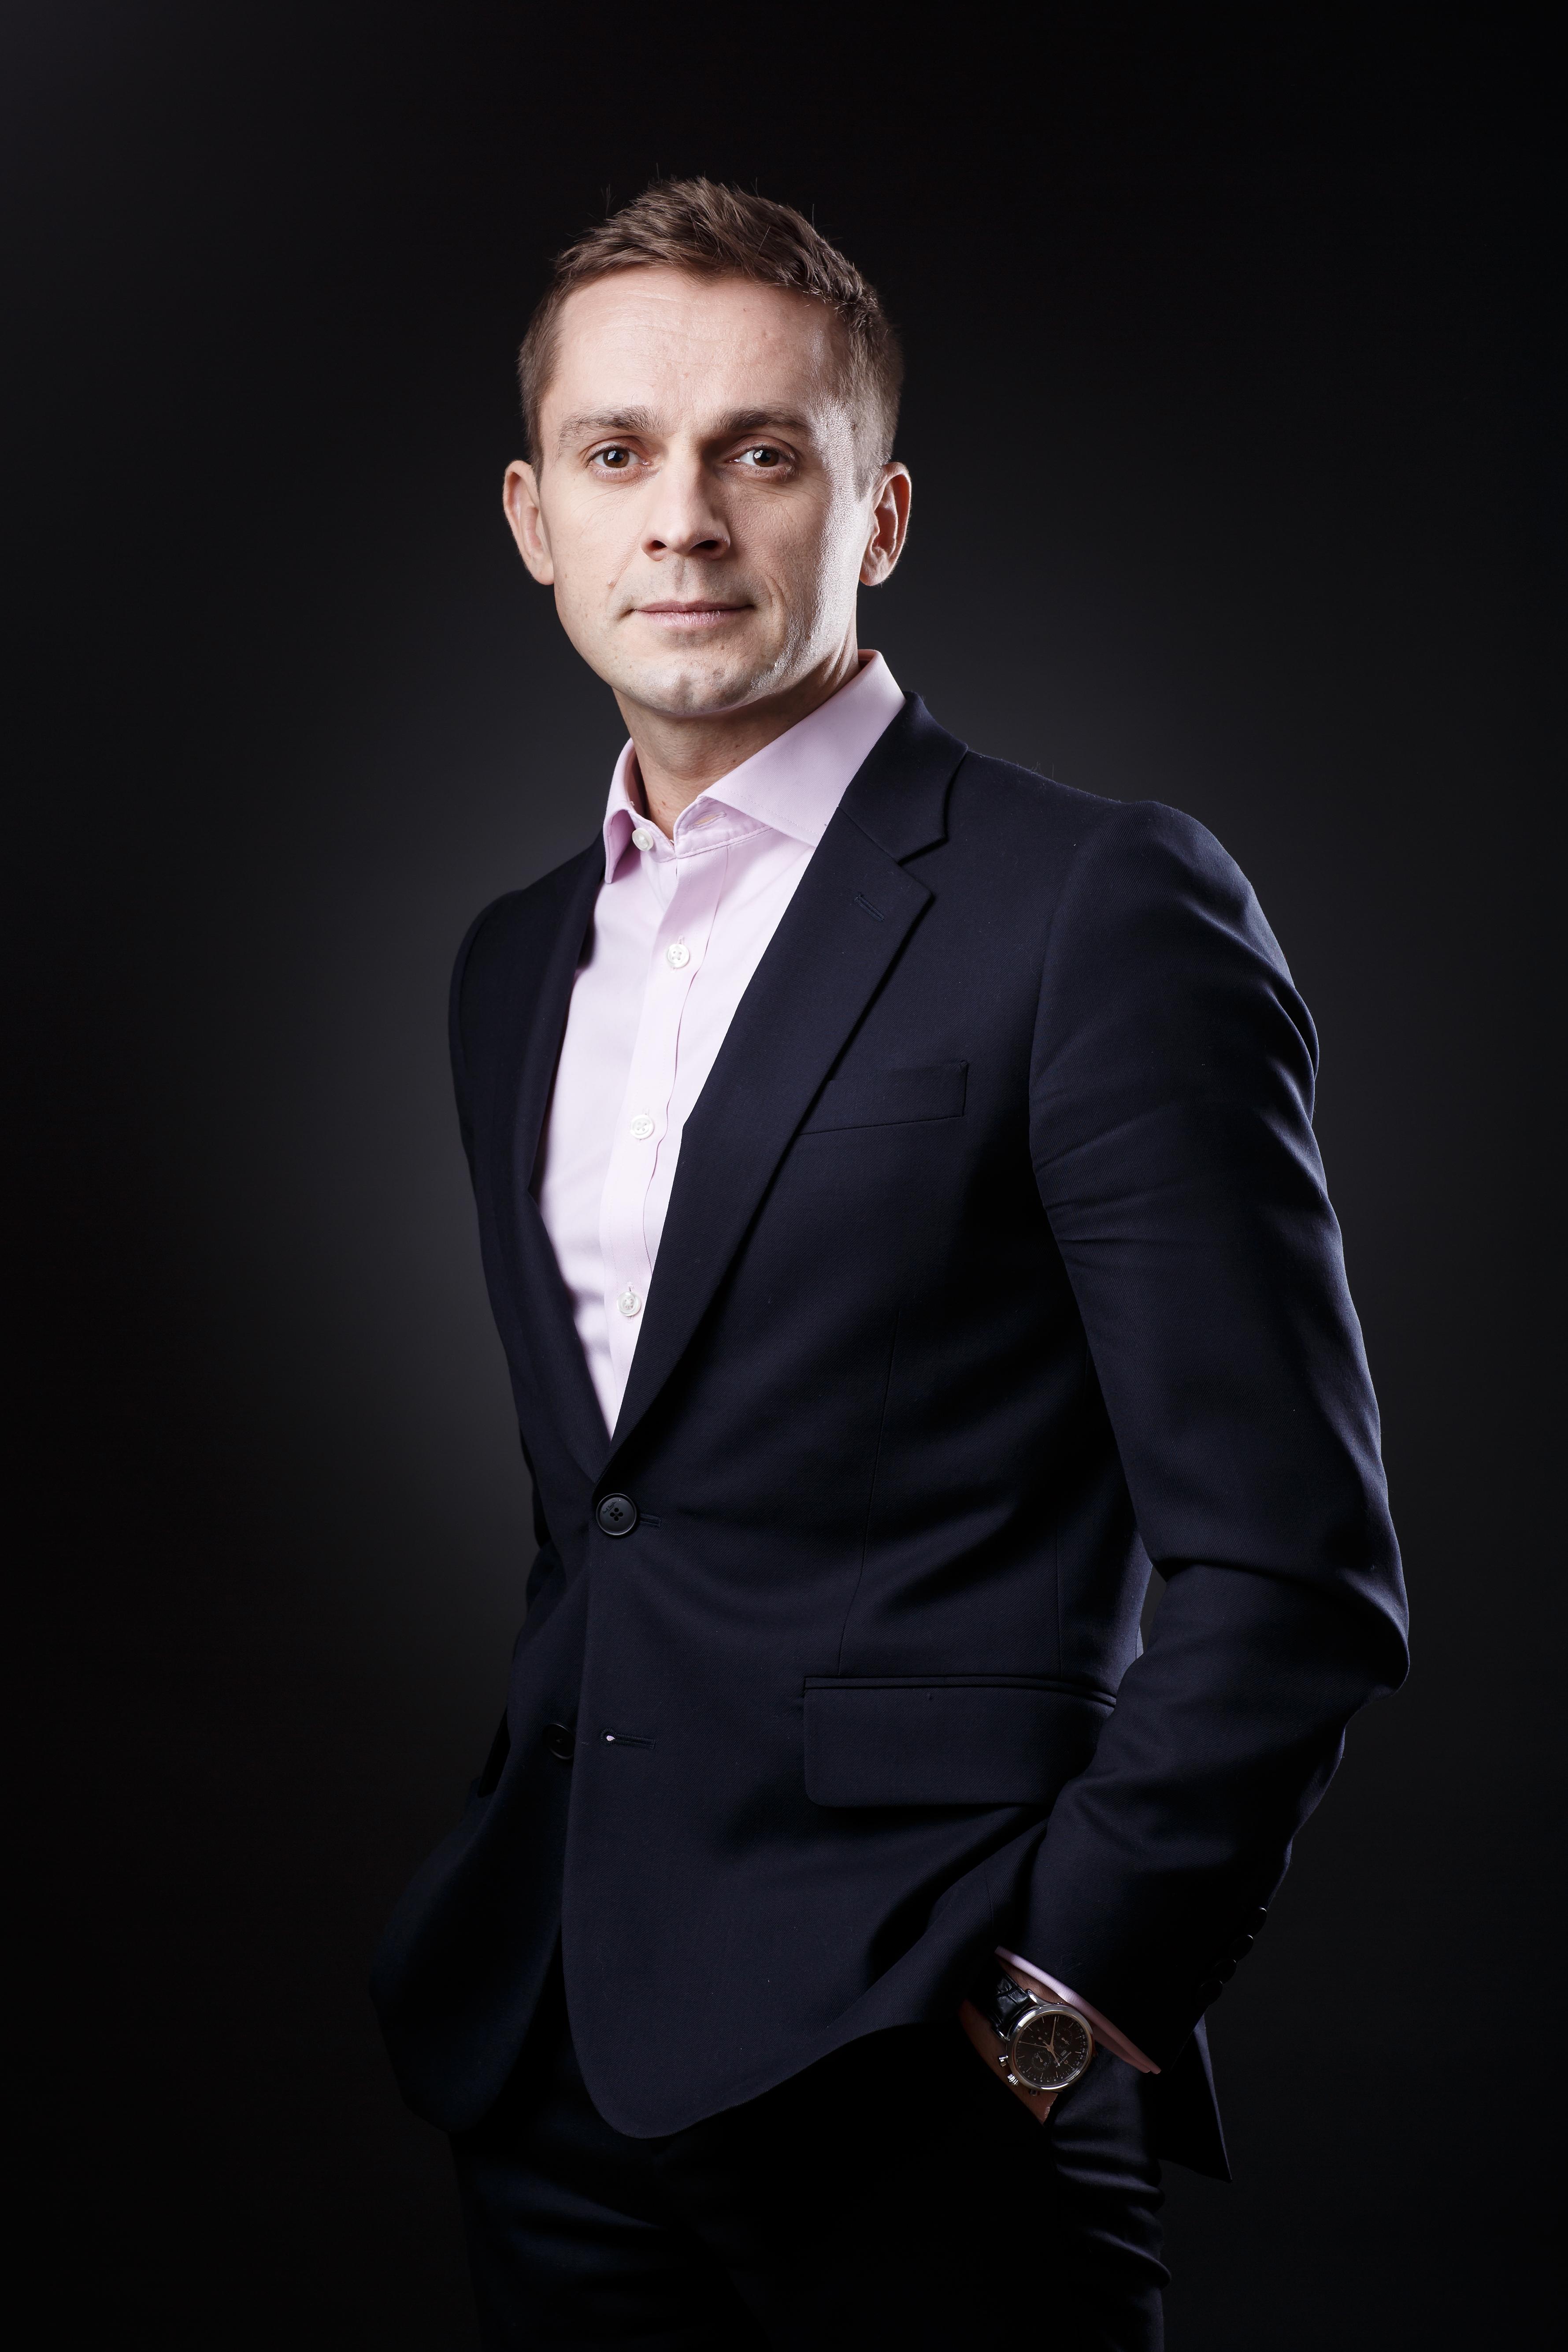 MishaMakarov7